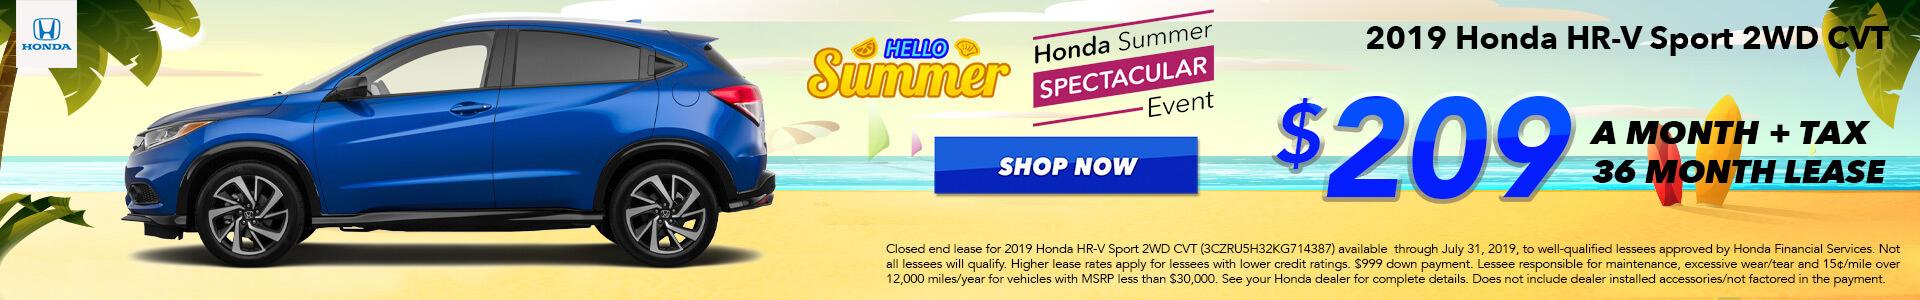 2019 Honda HR-V Lease for $209